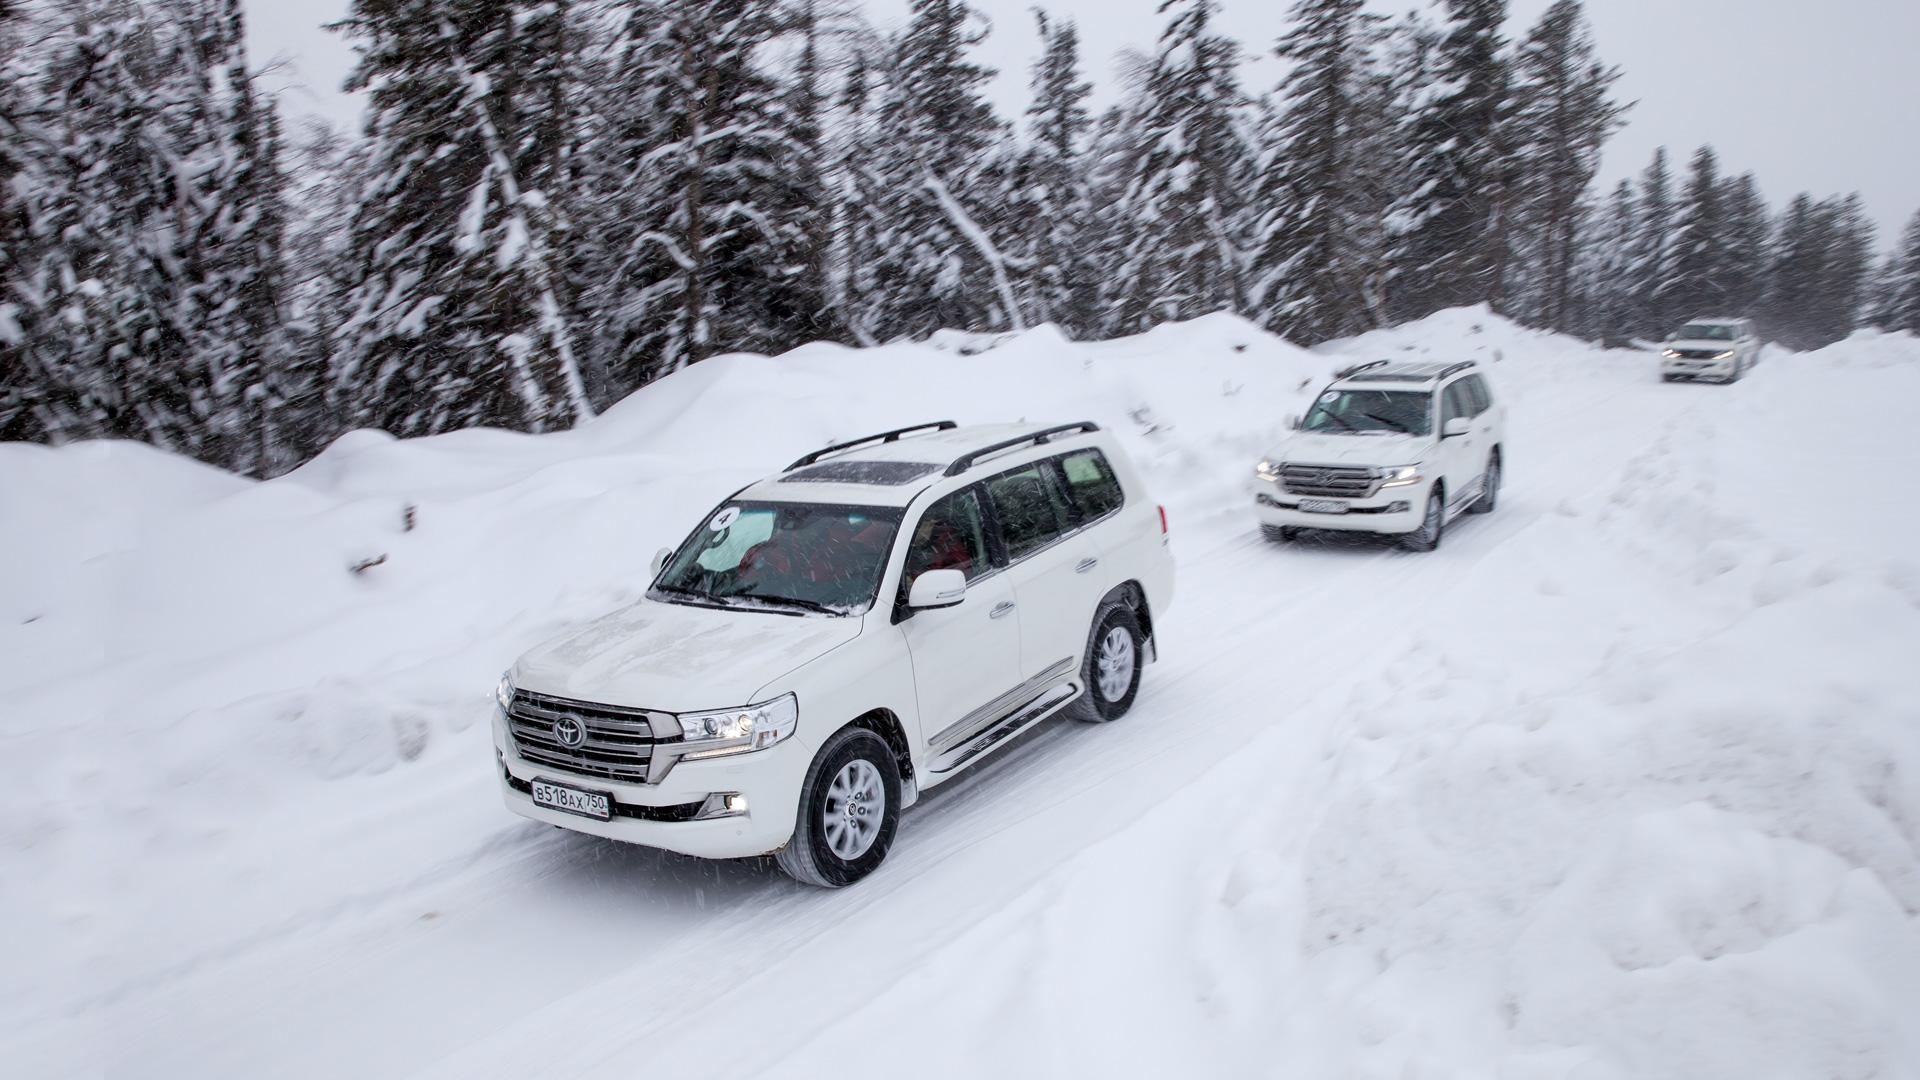 Испытываем обновленный Toyota Land Cruiser 200 снегами Северного Урала. Фото 2